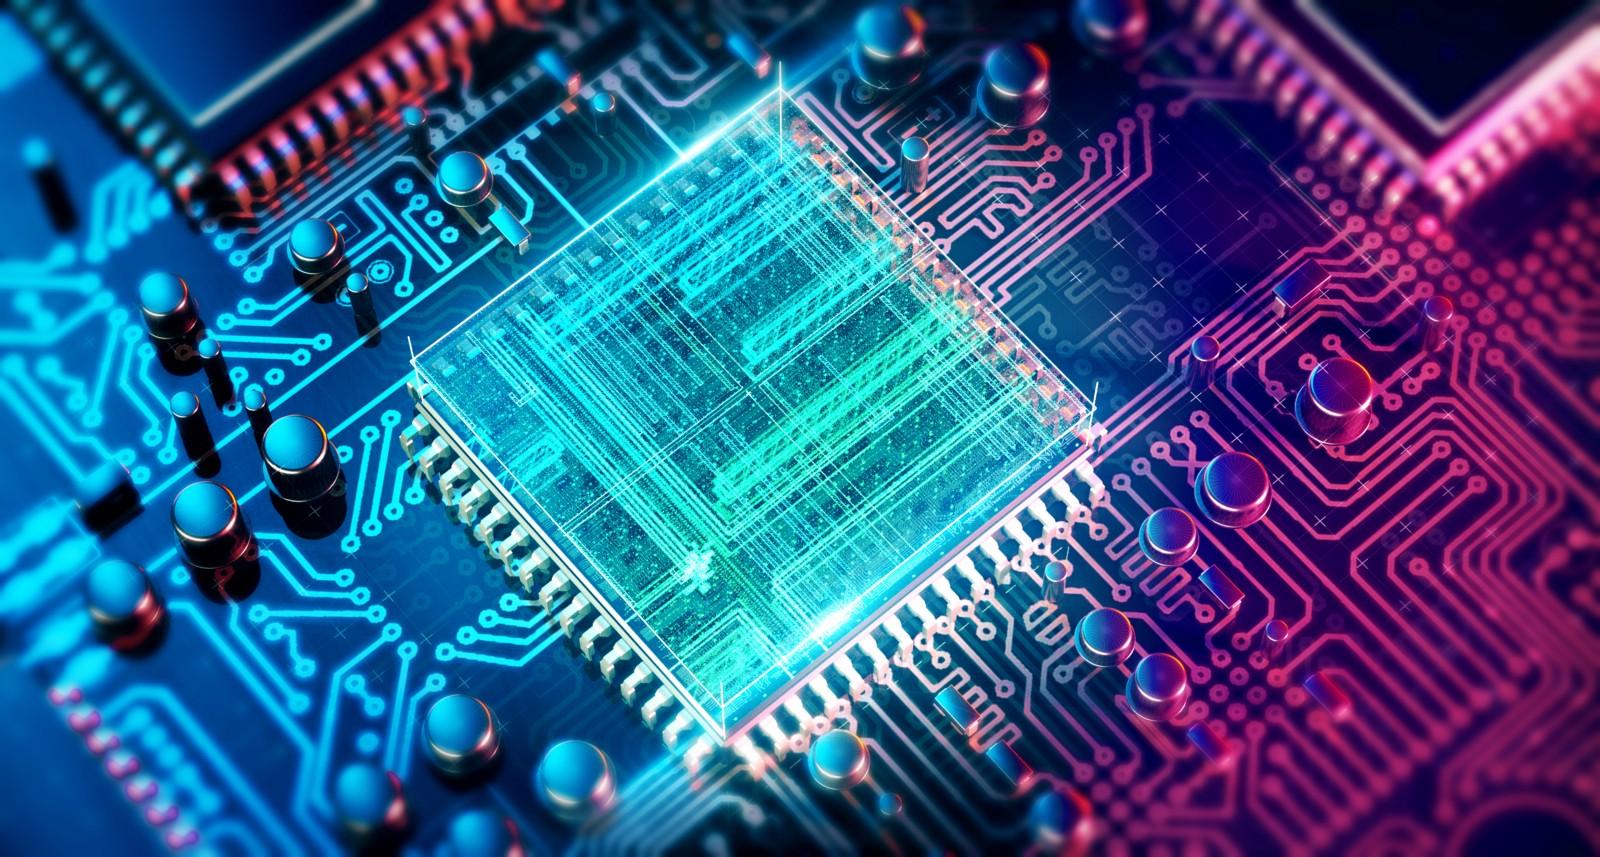 Първият квантов компютър може да е на пазара след няколко години - Новини за компютри, смартфони, технологии и наука